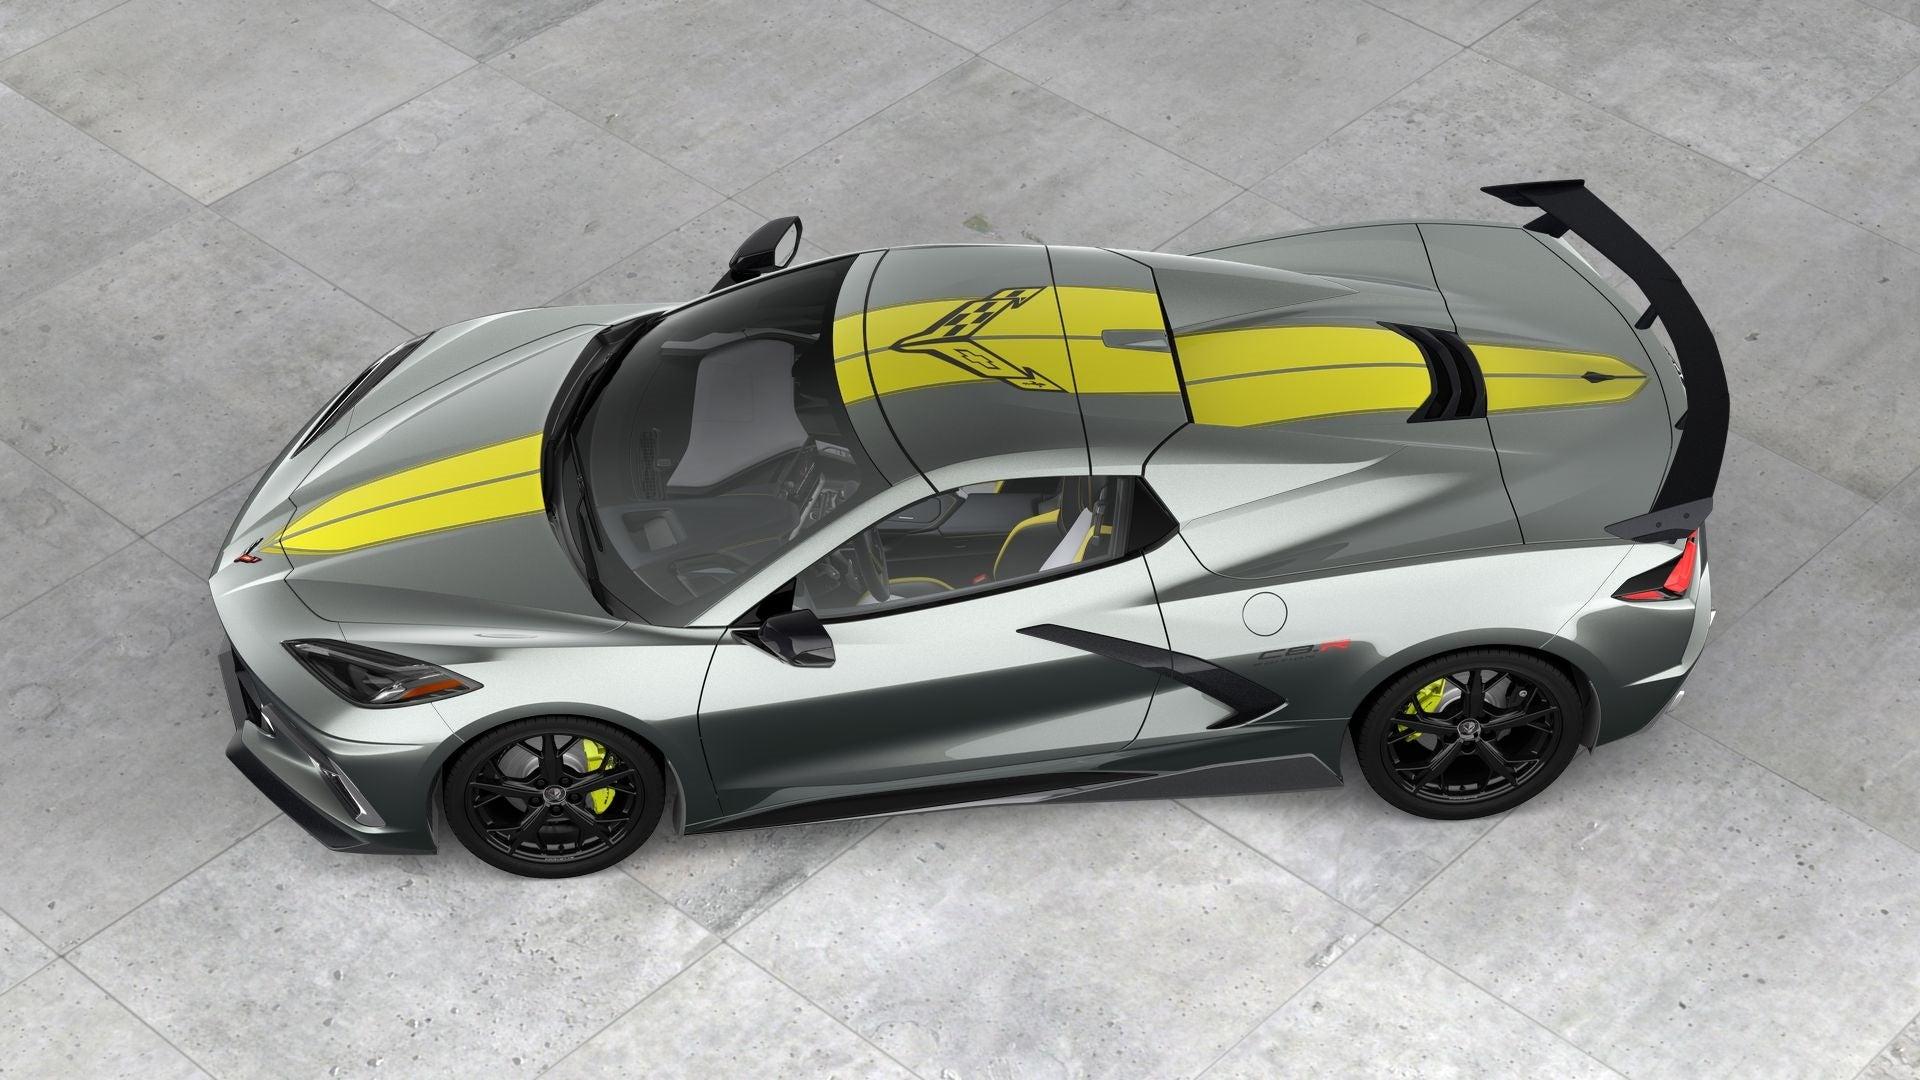 2022 Chevrolet Corvette Hurricane WV